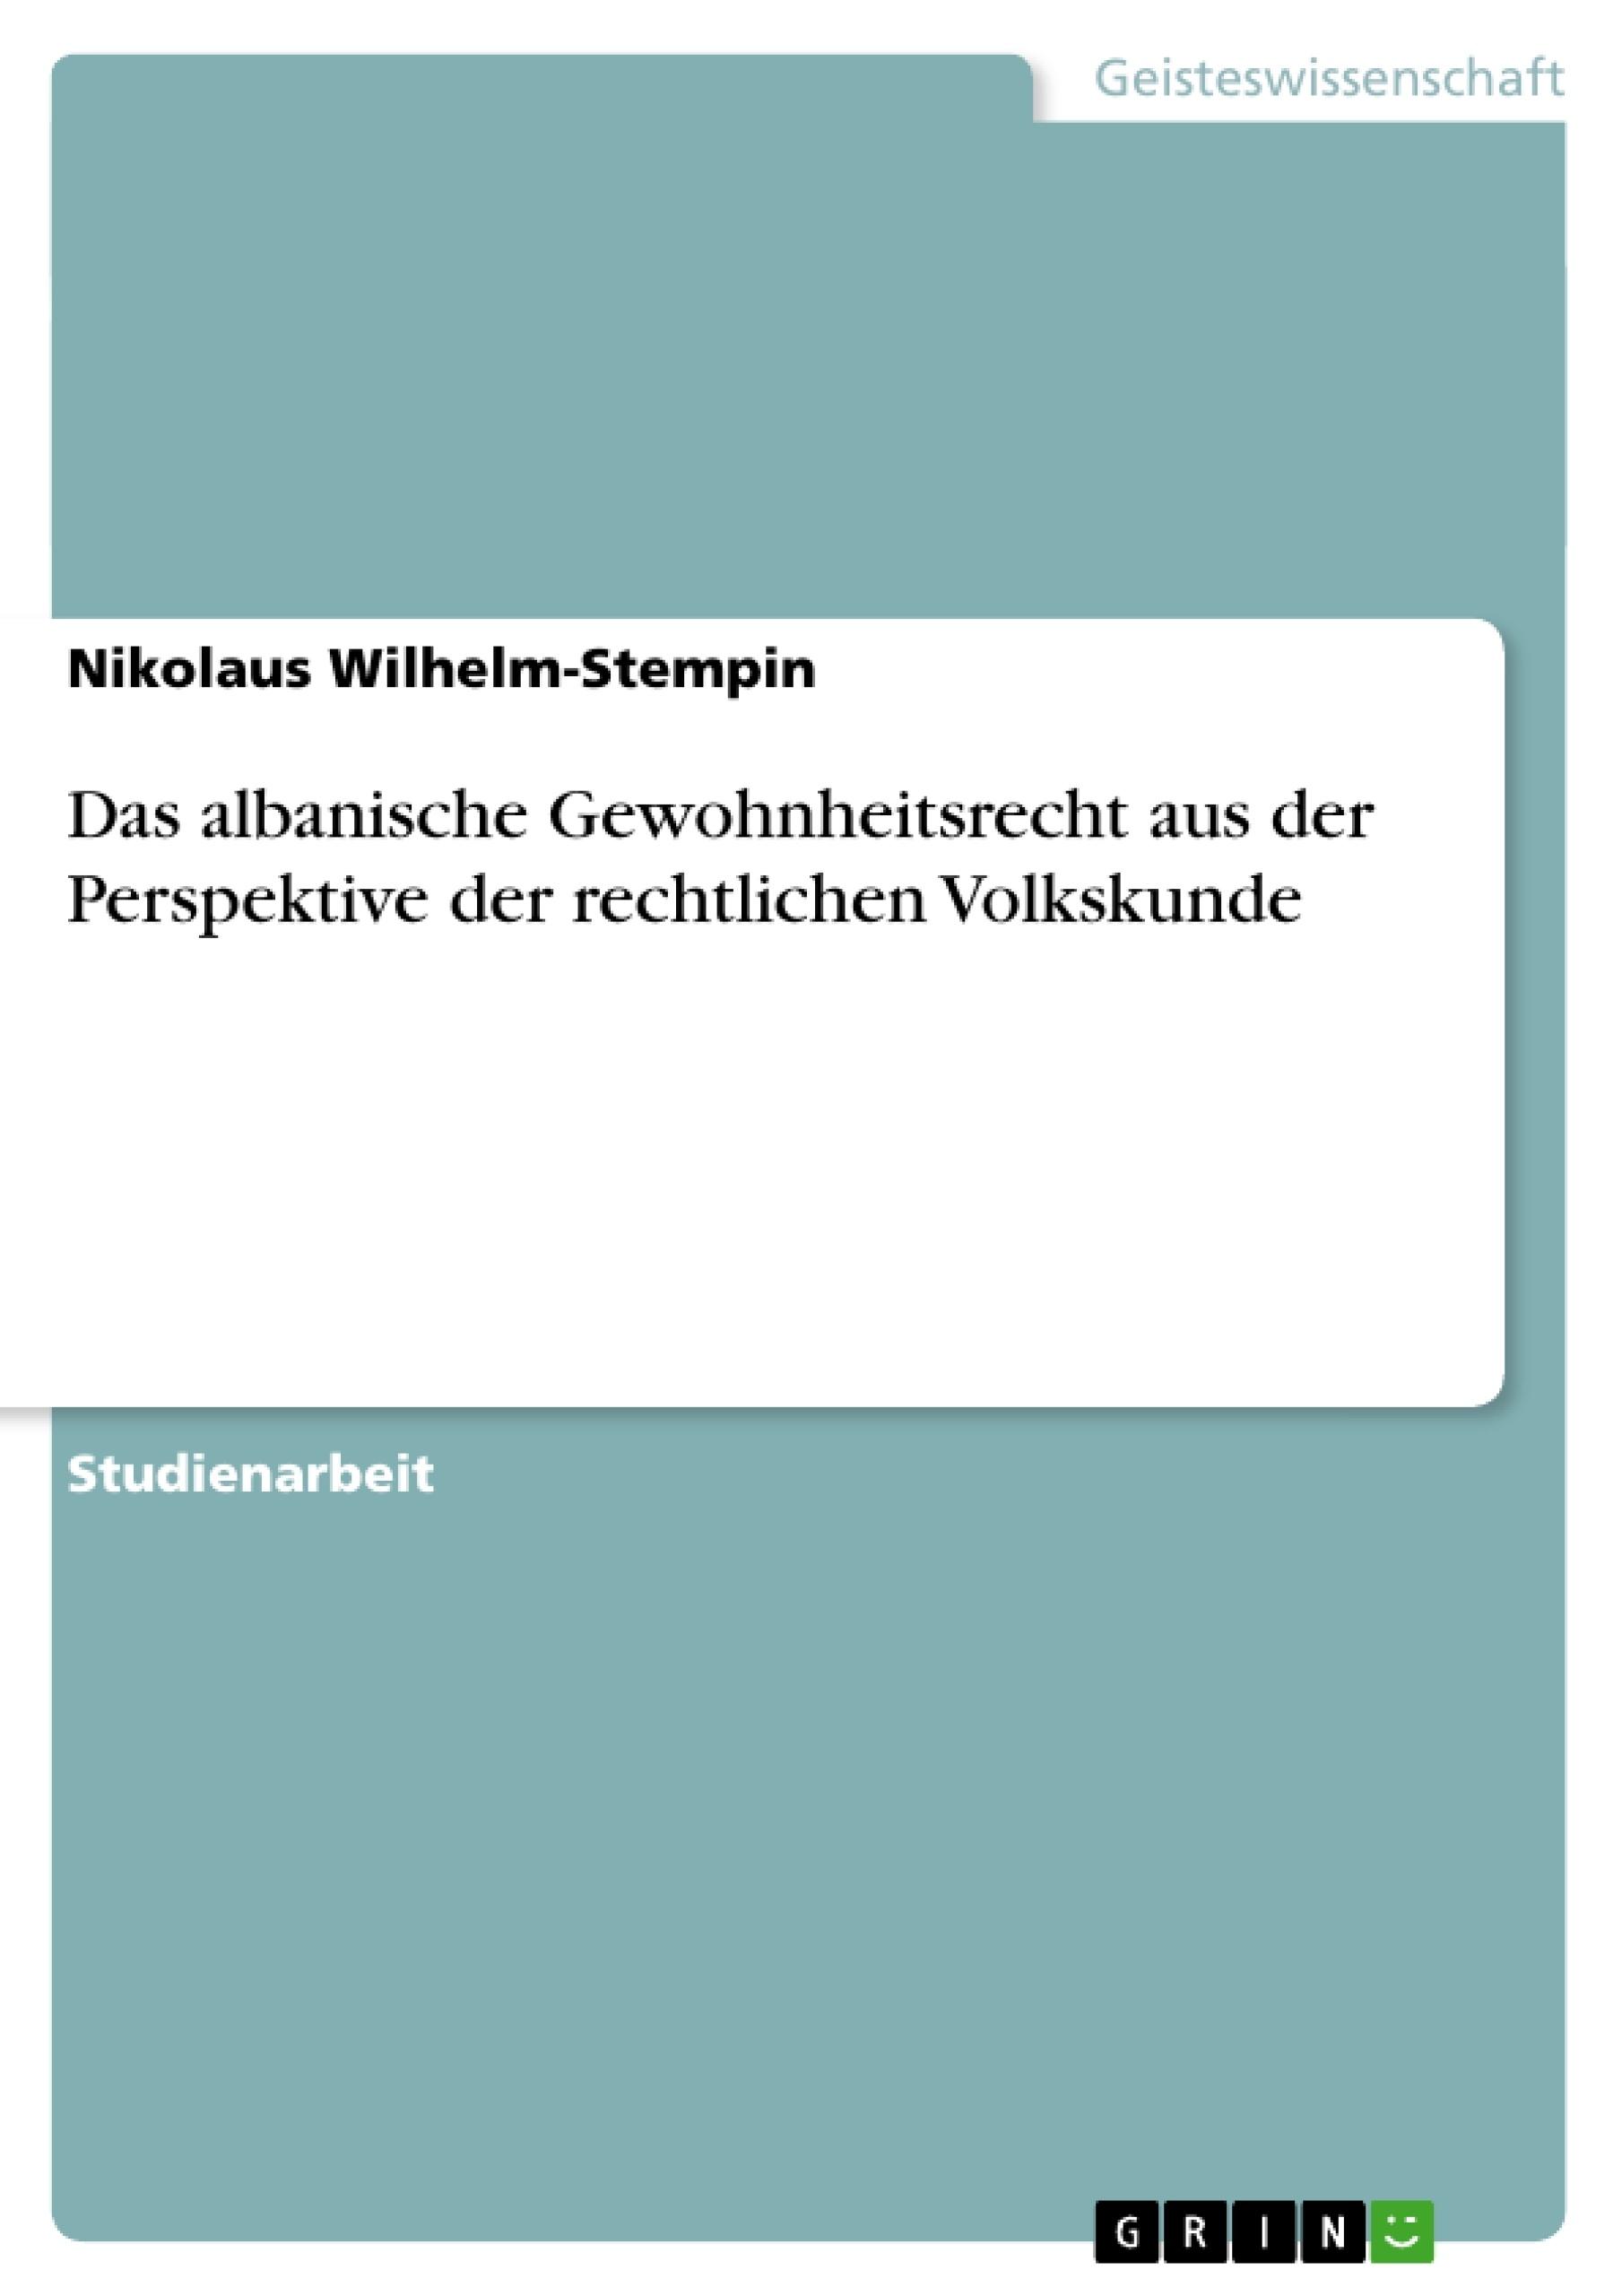 Titel: Das albanische Gewohnheitsrecht aus der Perspektive der rechtlichen Volkskunde